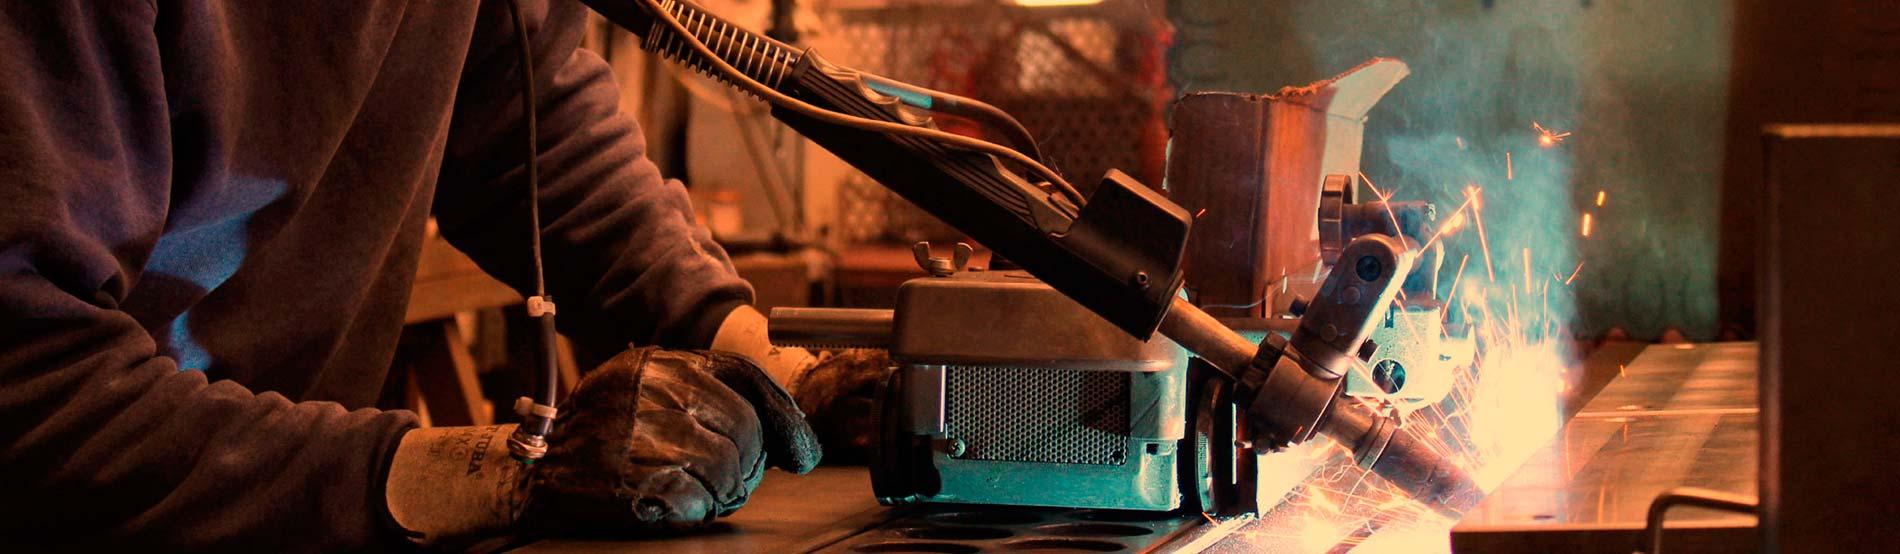 Moldes para prensas cerámicas